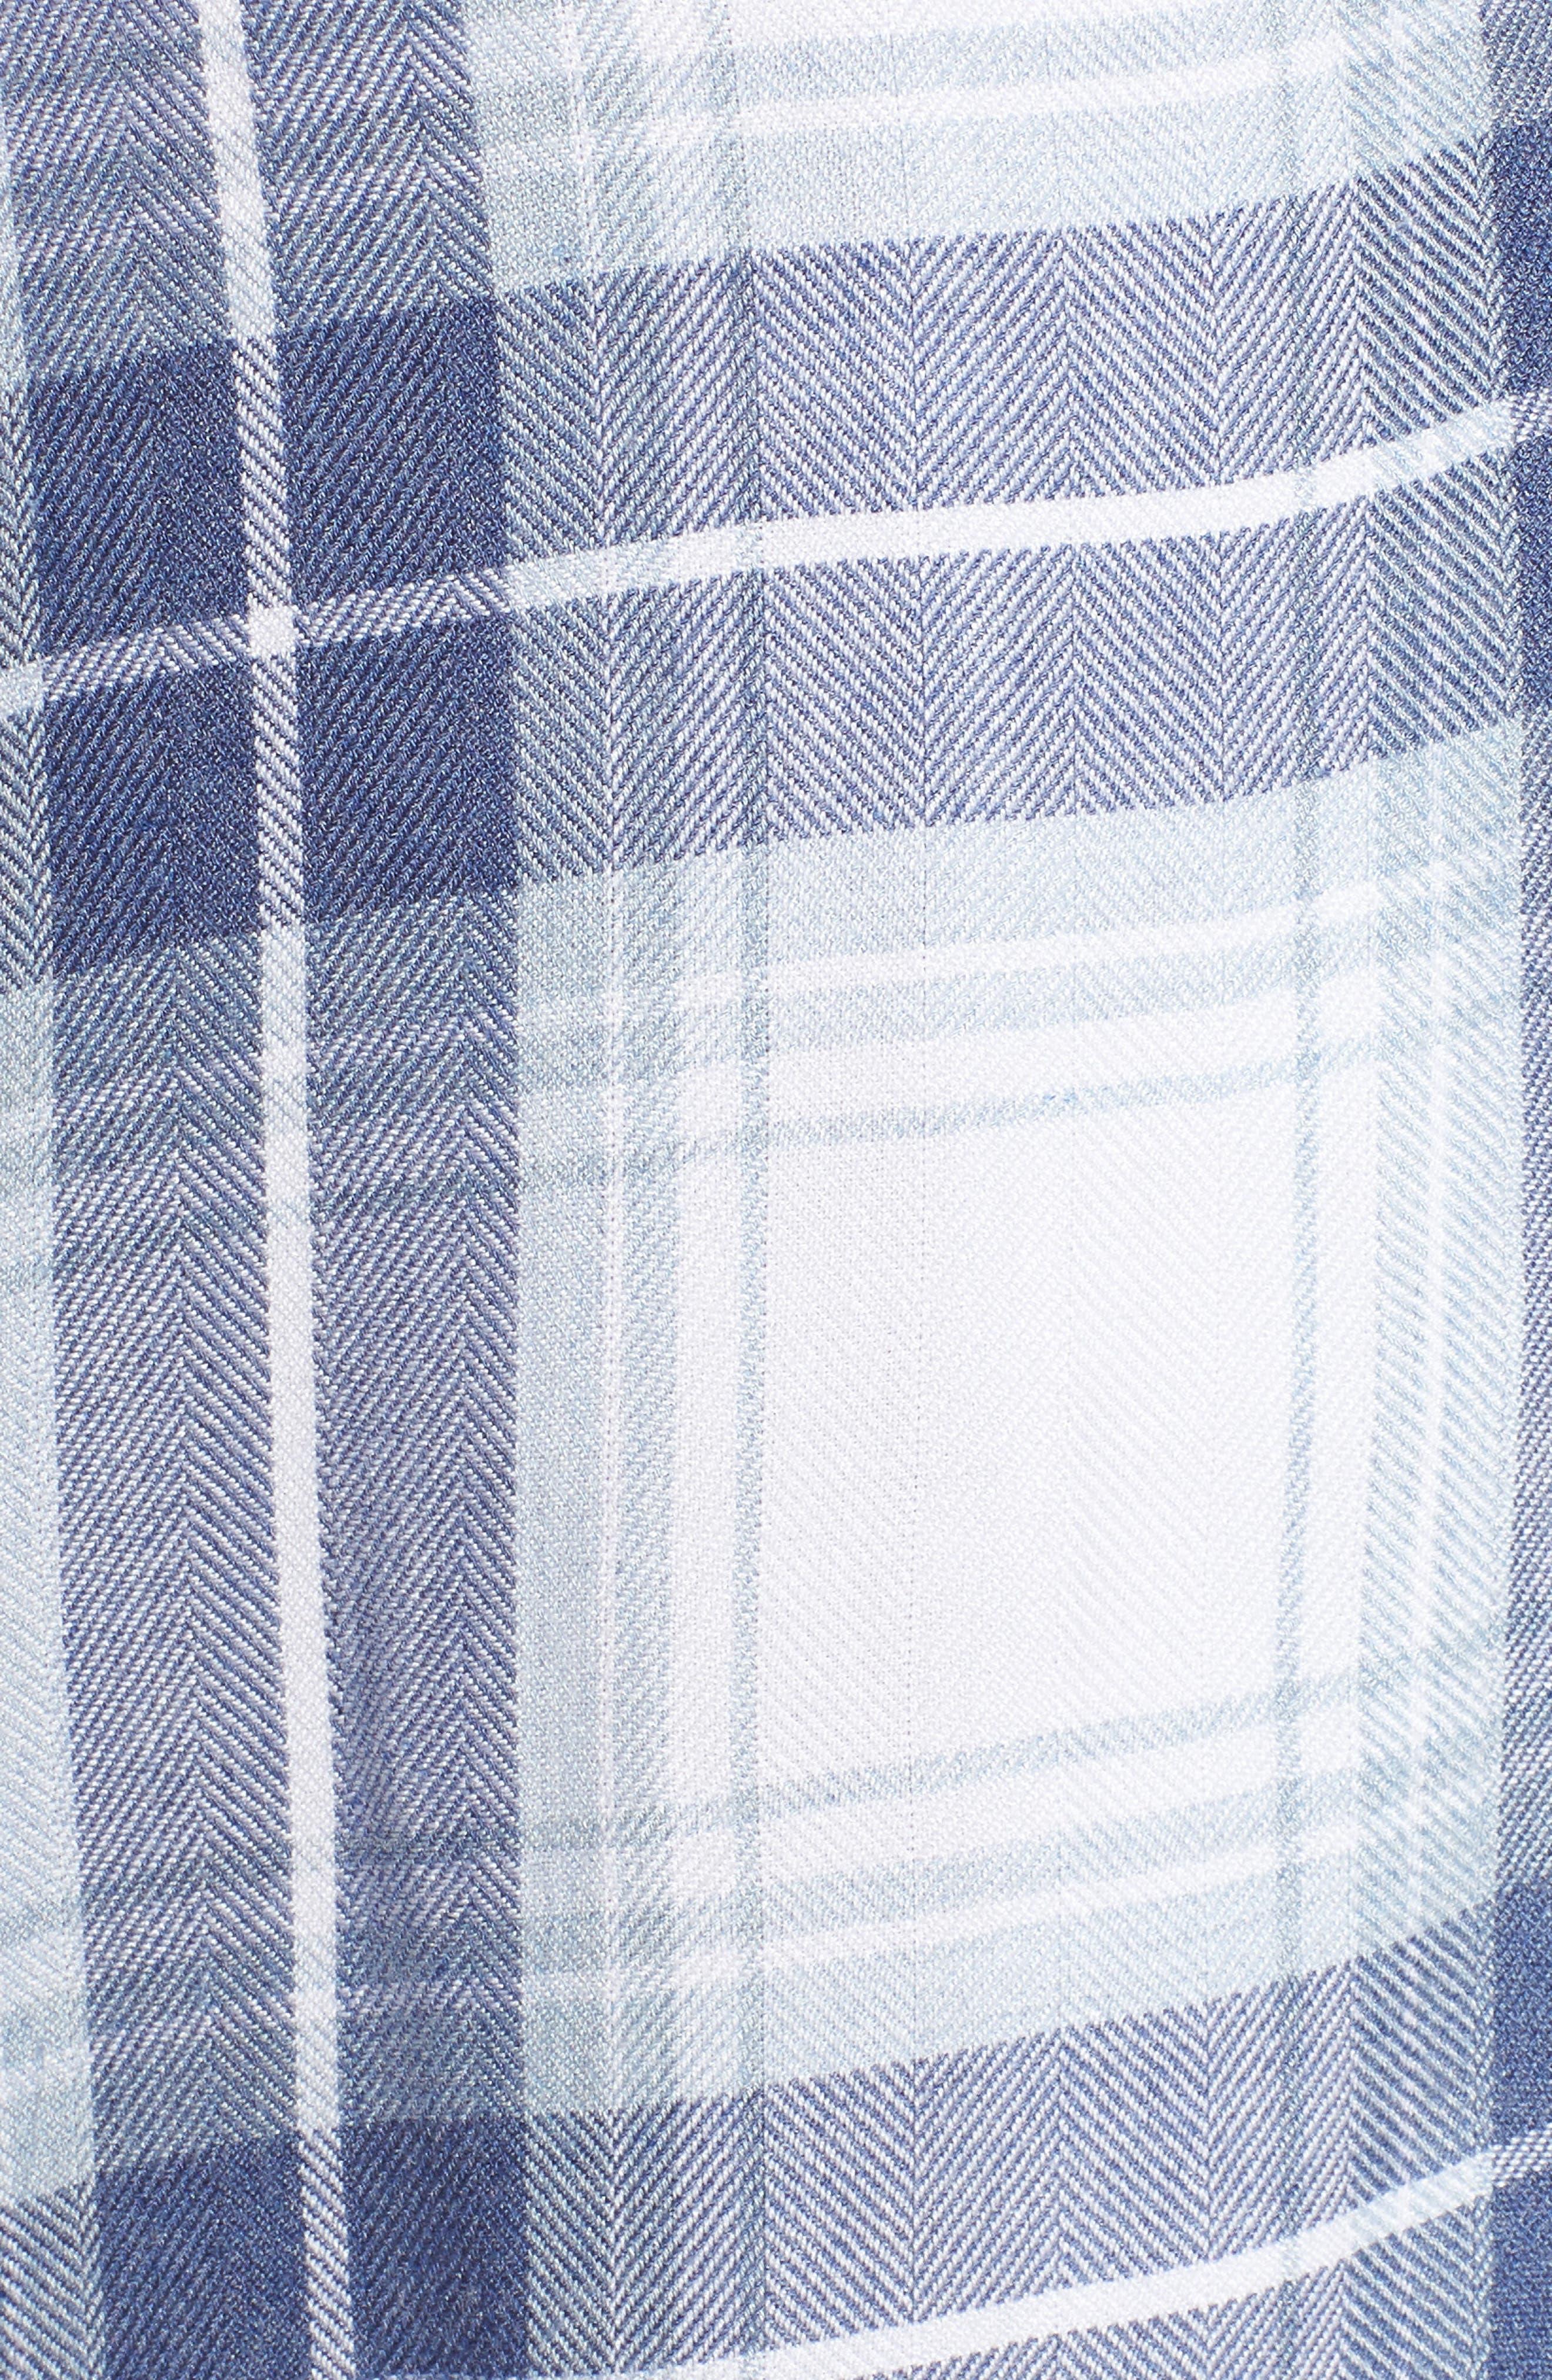 Plaid Pajamas,                             Alternate thumbnail 6, color,                             Pacific Sky White